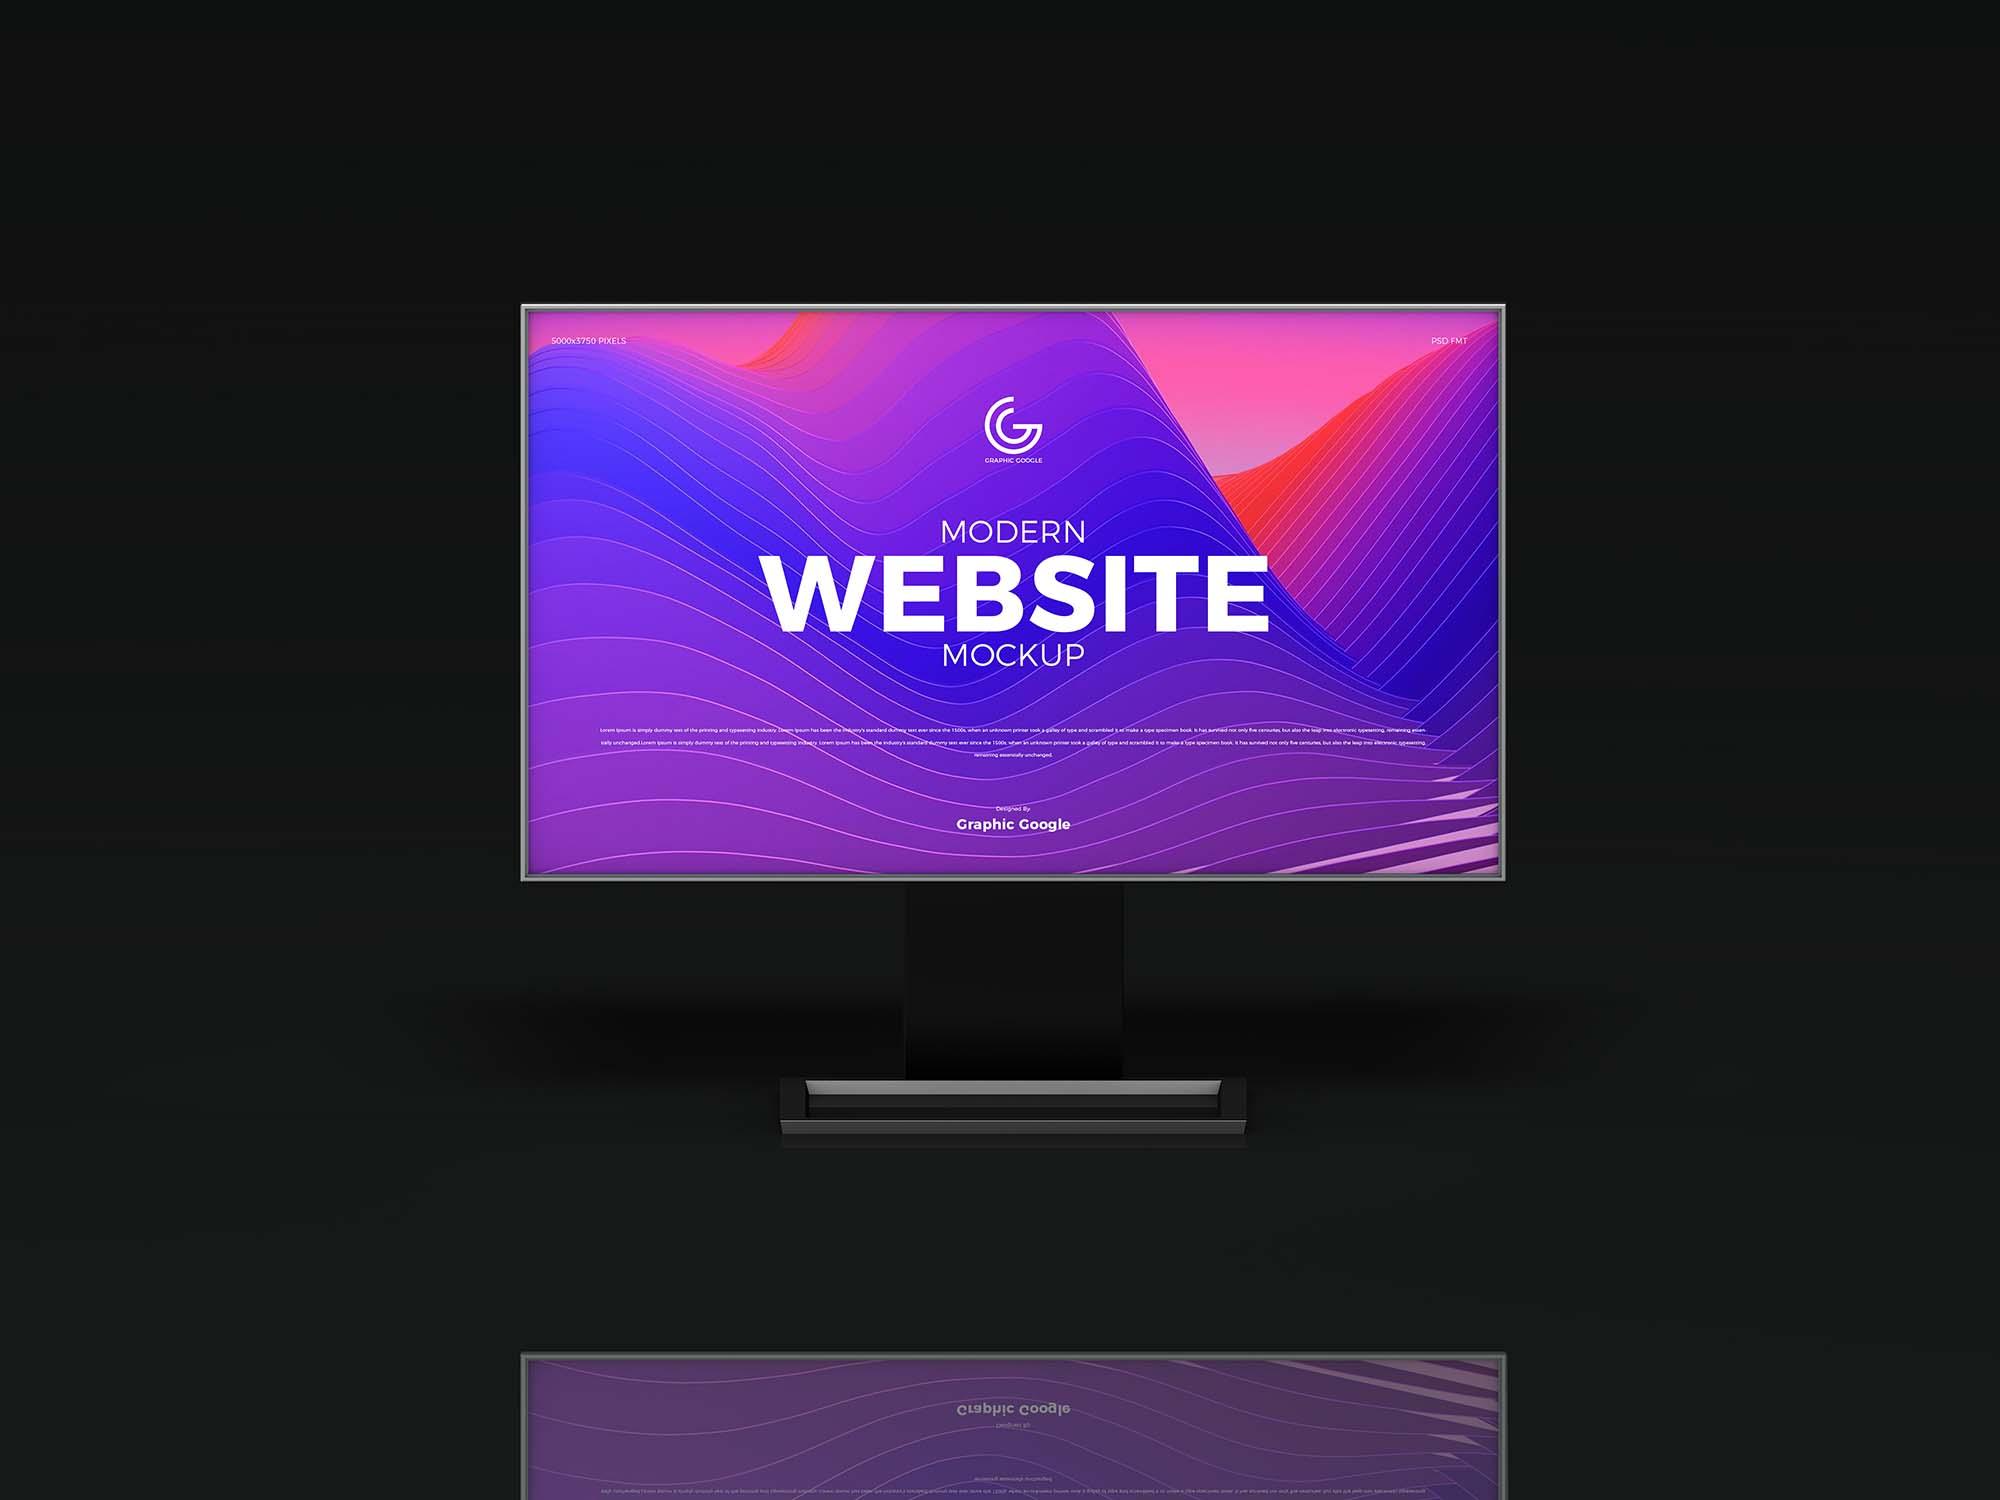 Modern Website Mockup